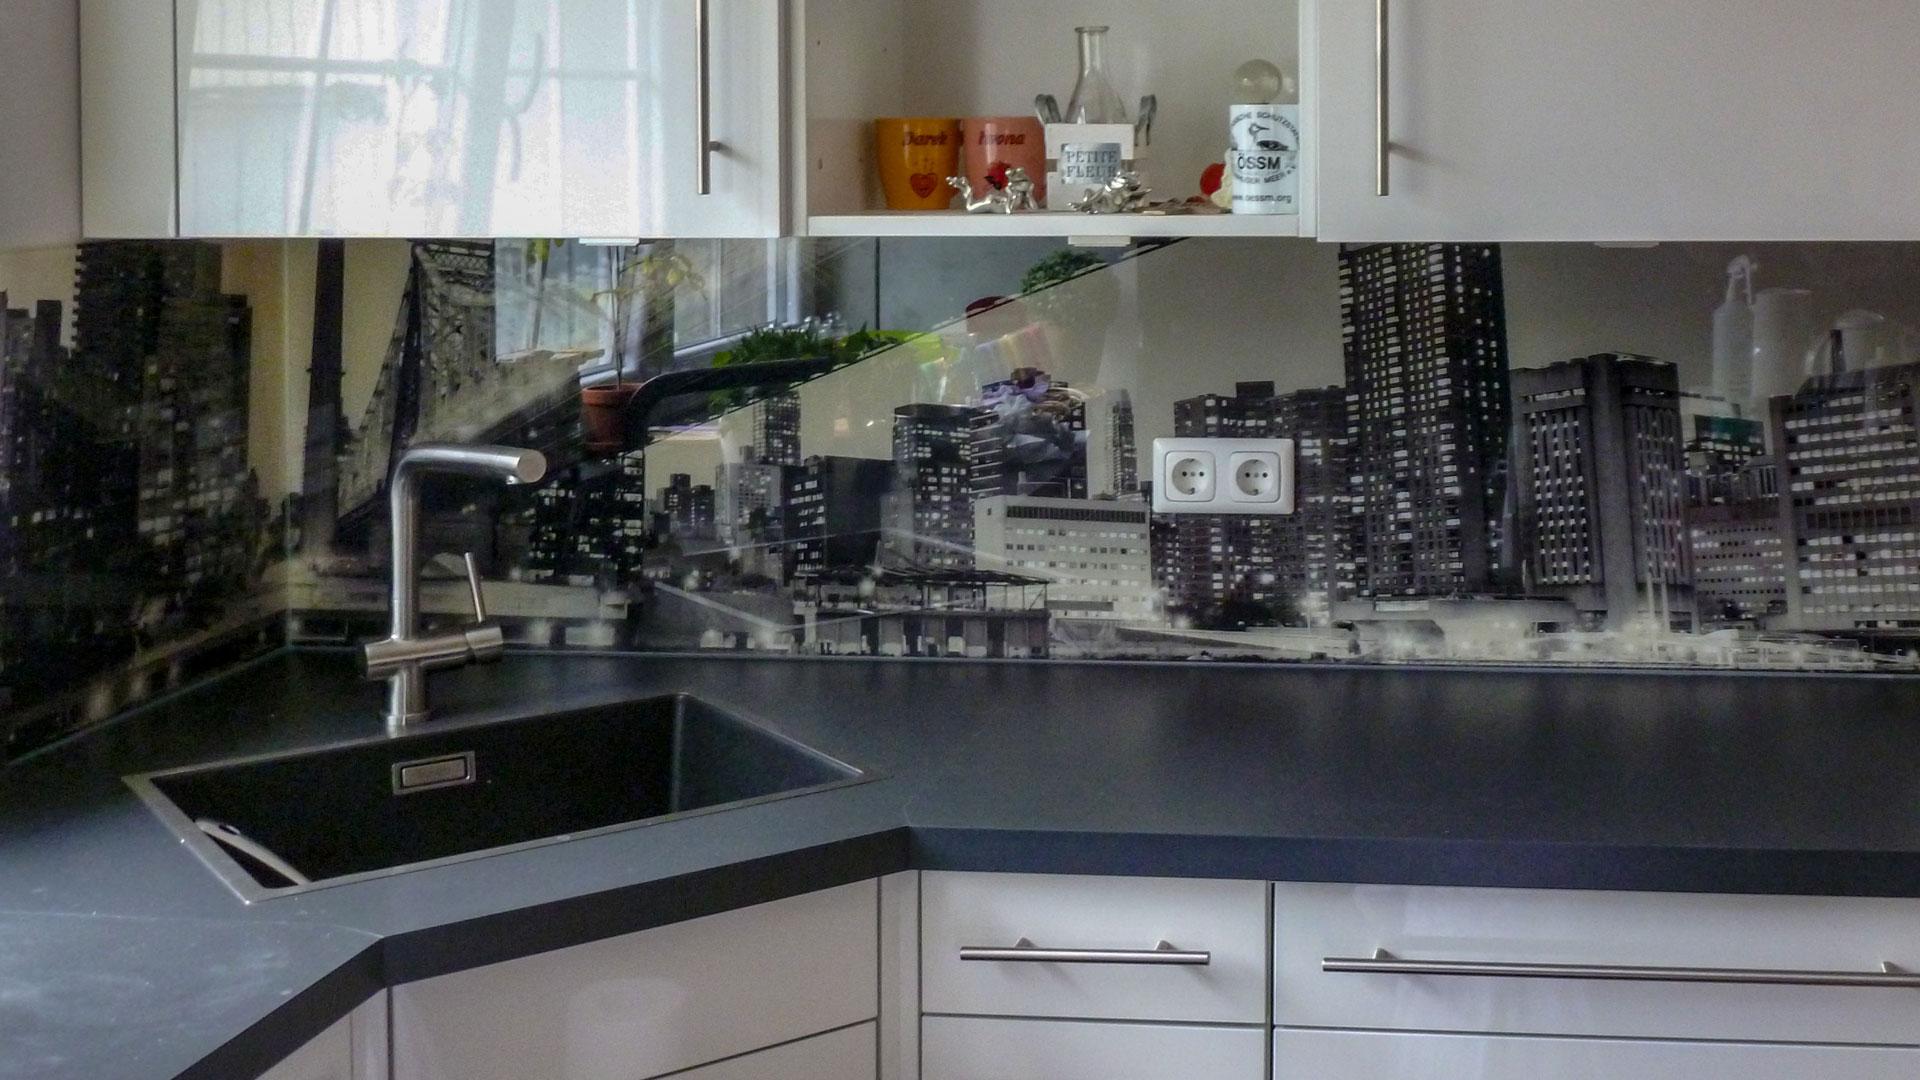 Full Size of Fliesenspiegel Modern Ideen In Glas Fr Ihre Kche Hygienisch Deckenleuchte Schlafzimmer Küche Selber Machen Moderne Duschen Wohnzimmer Modernes Sofa Wohnzimmer Fliesenspiegel Modern